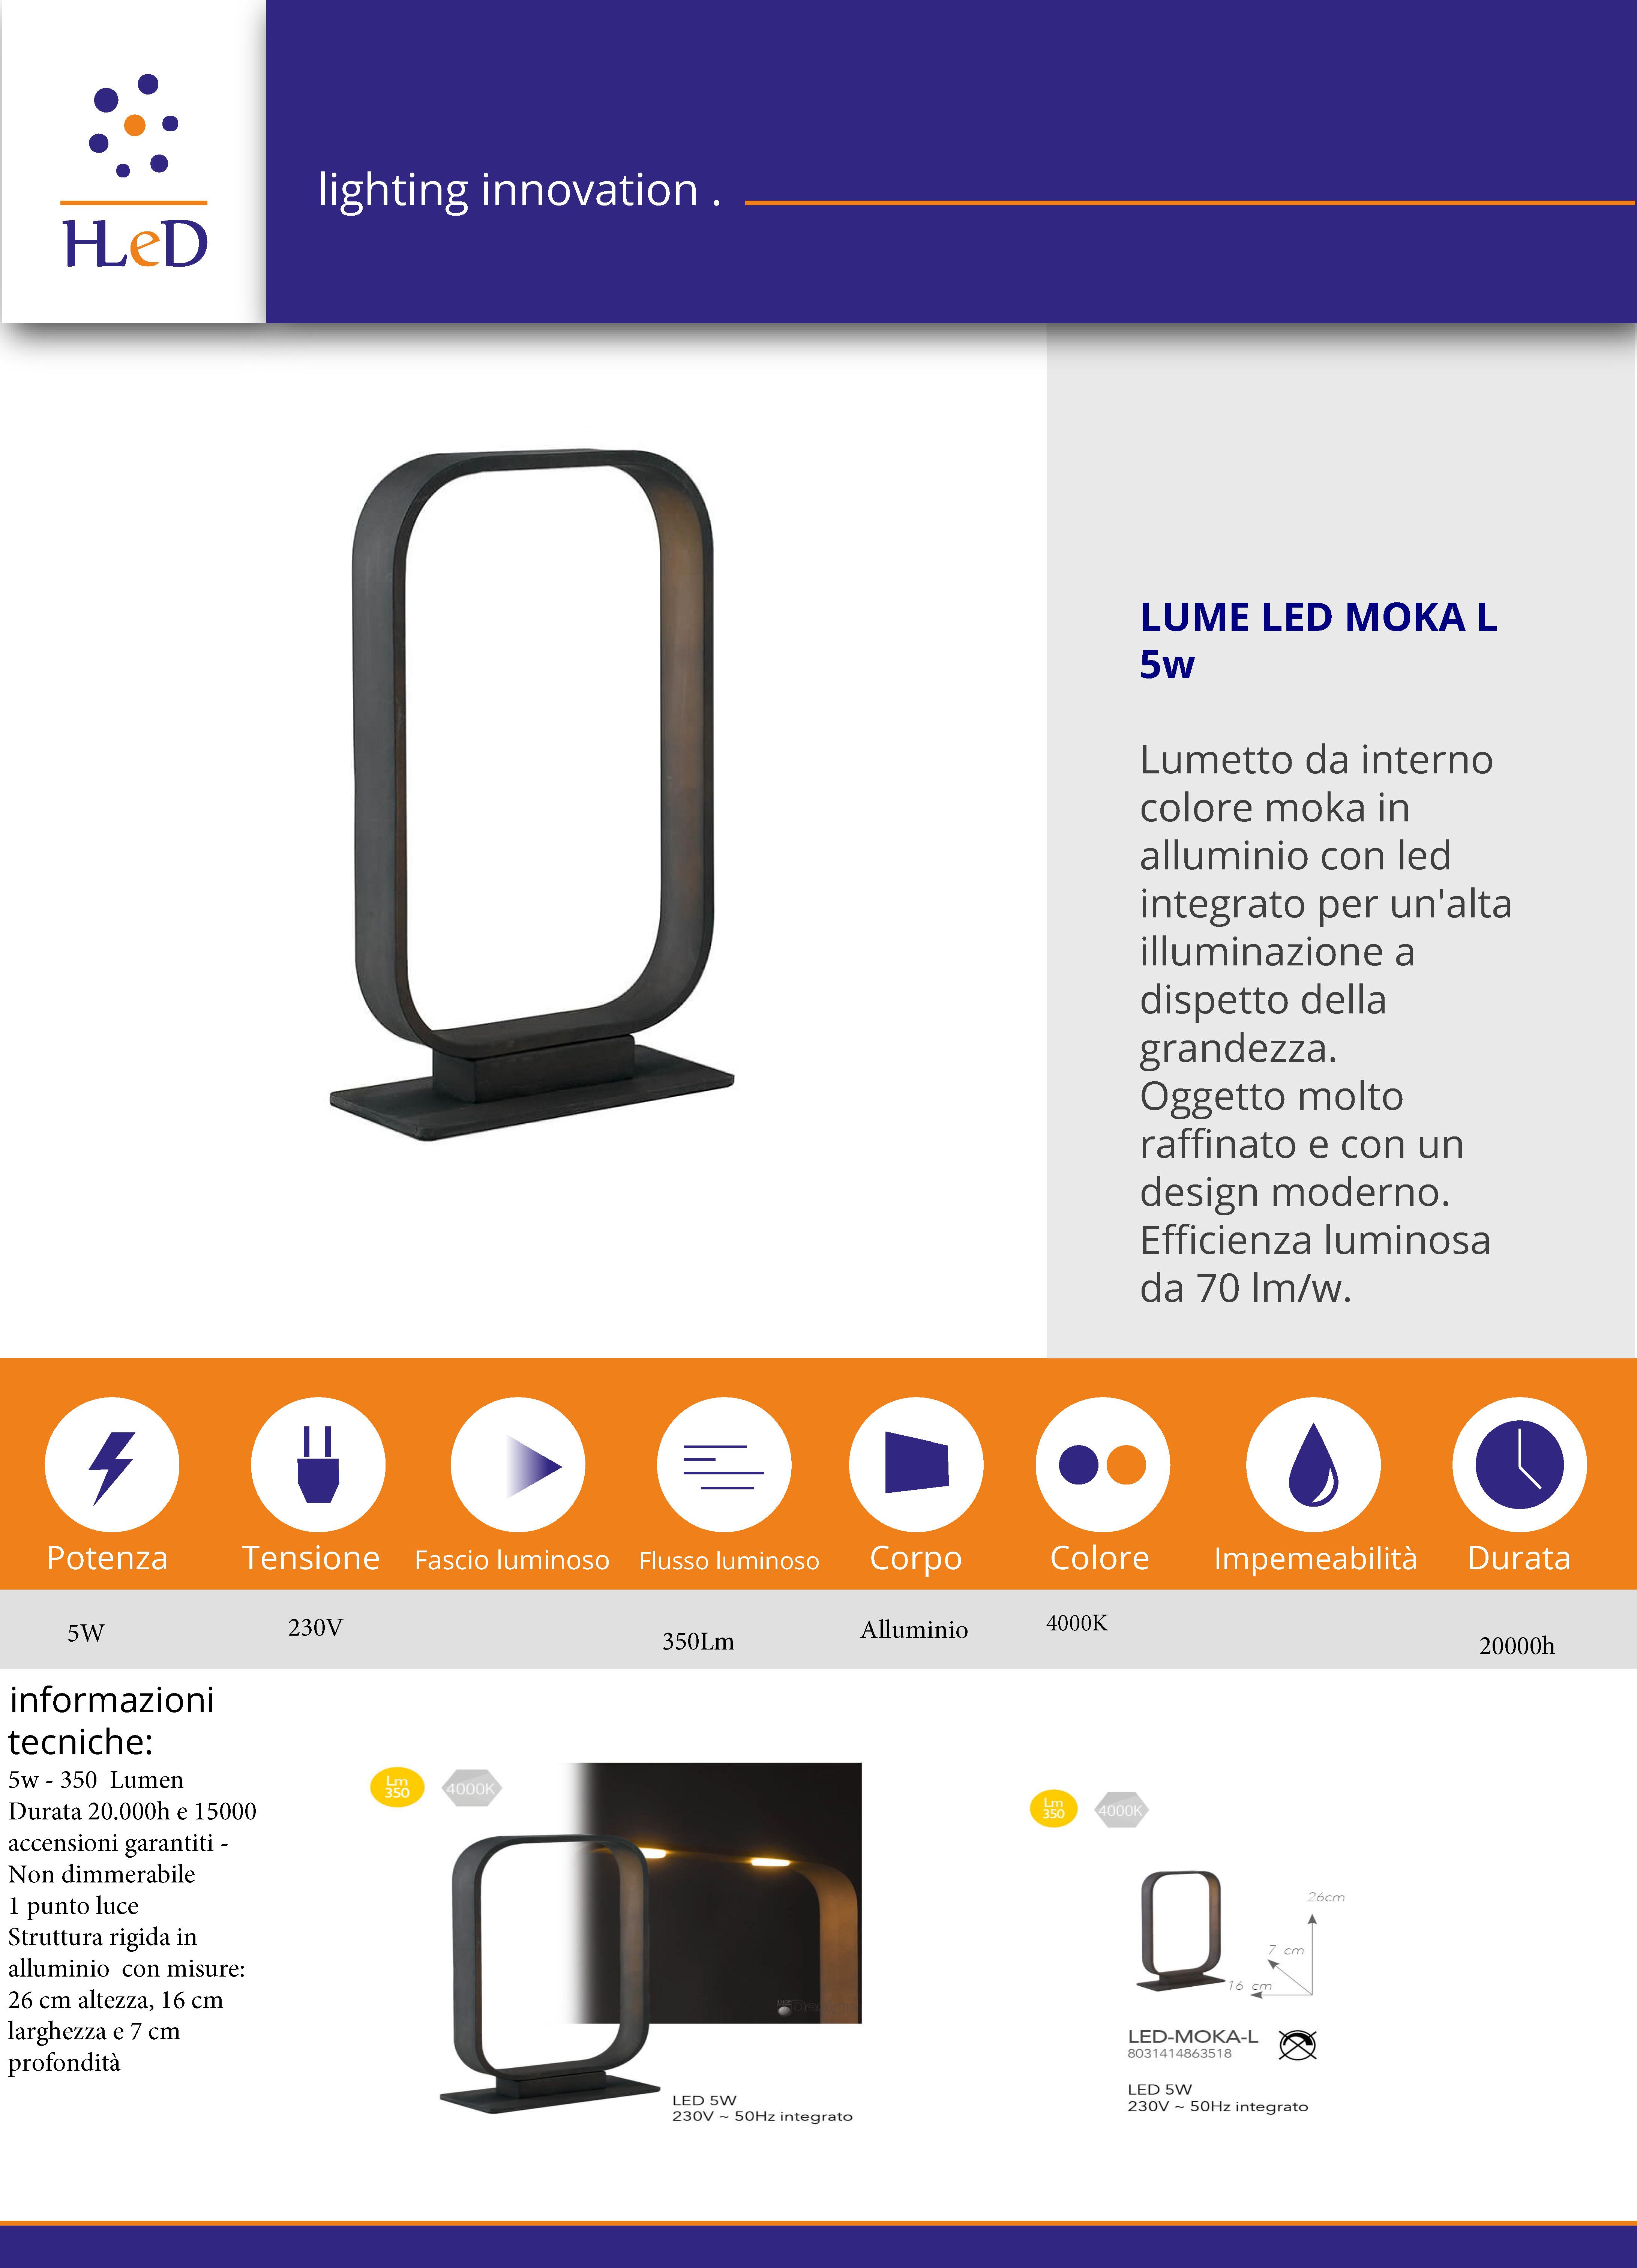 Lumetto a LED 1x5w MOKA